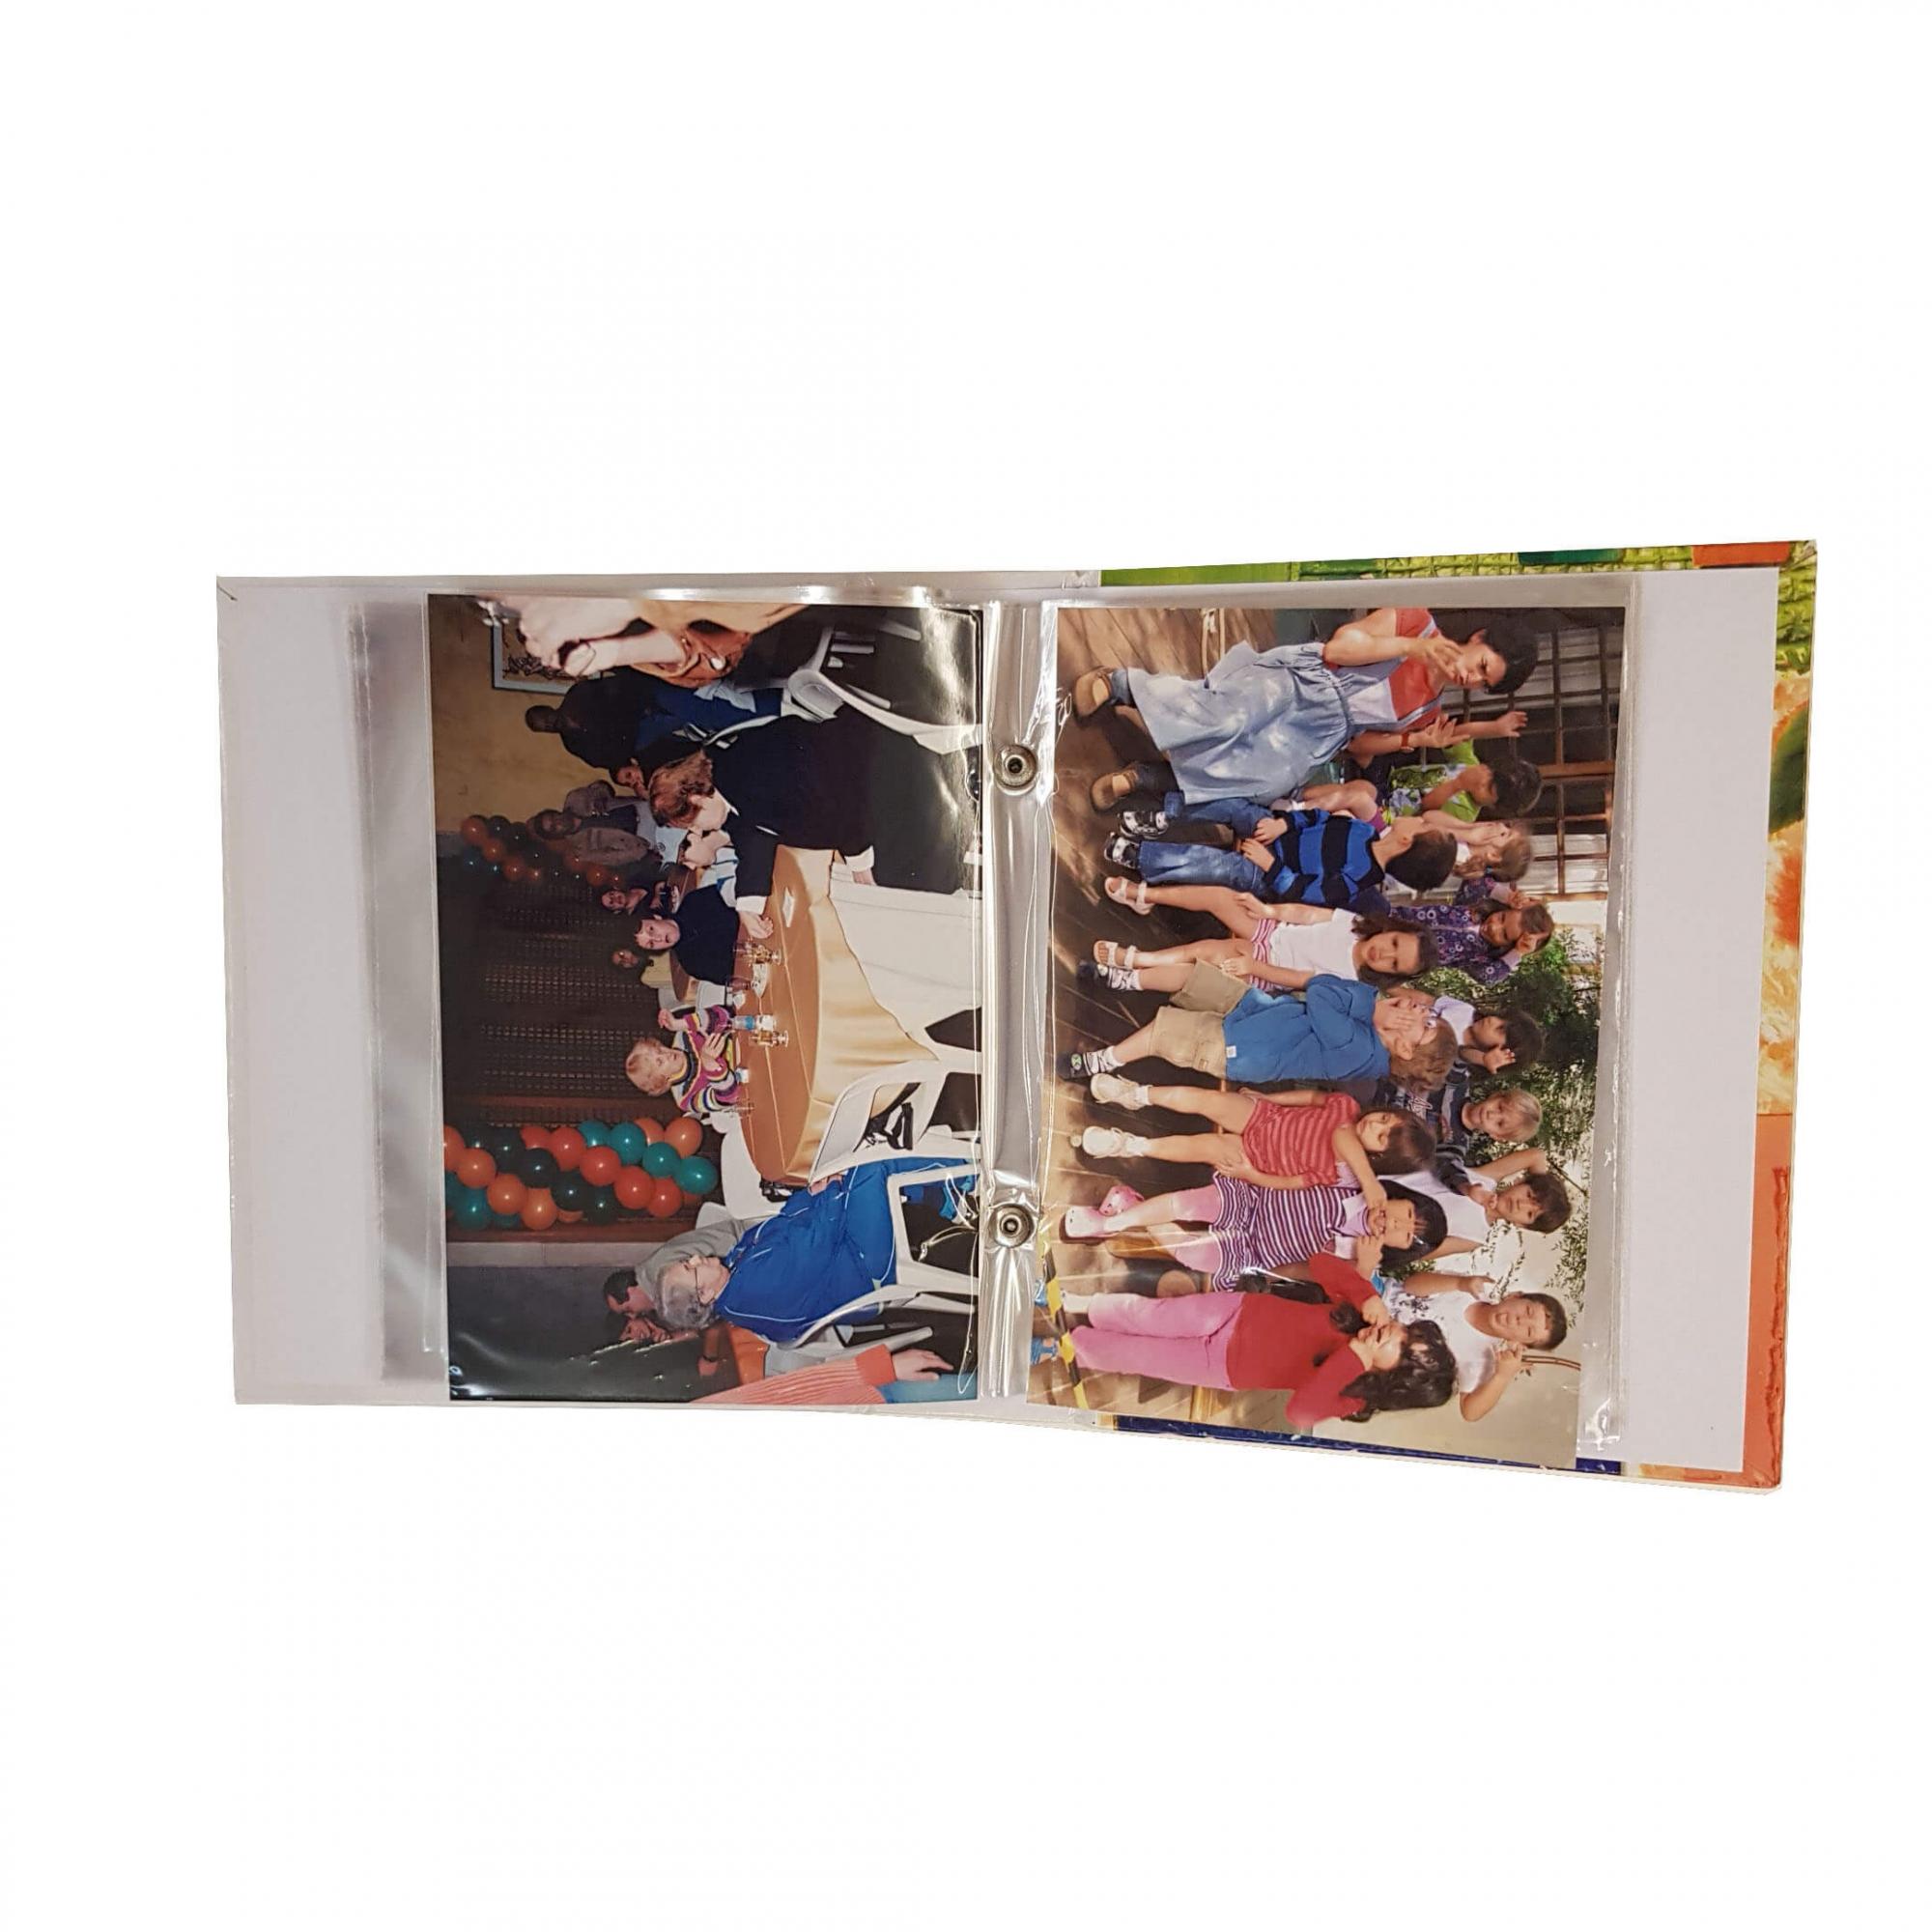 20 albuns de foto 10x15/120 fotos